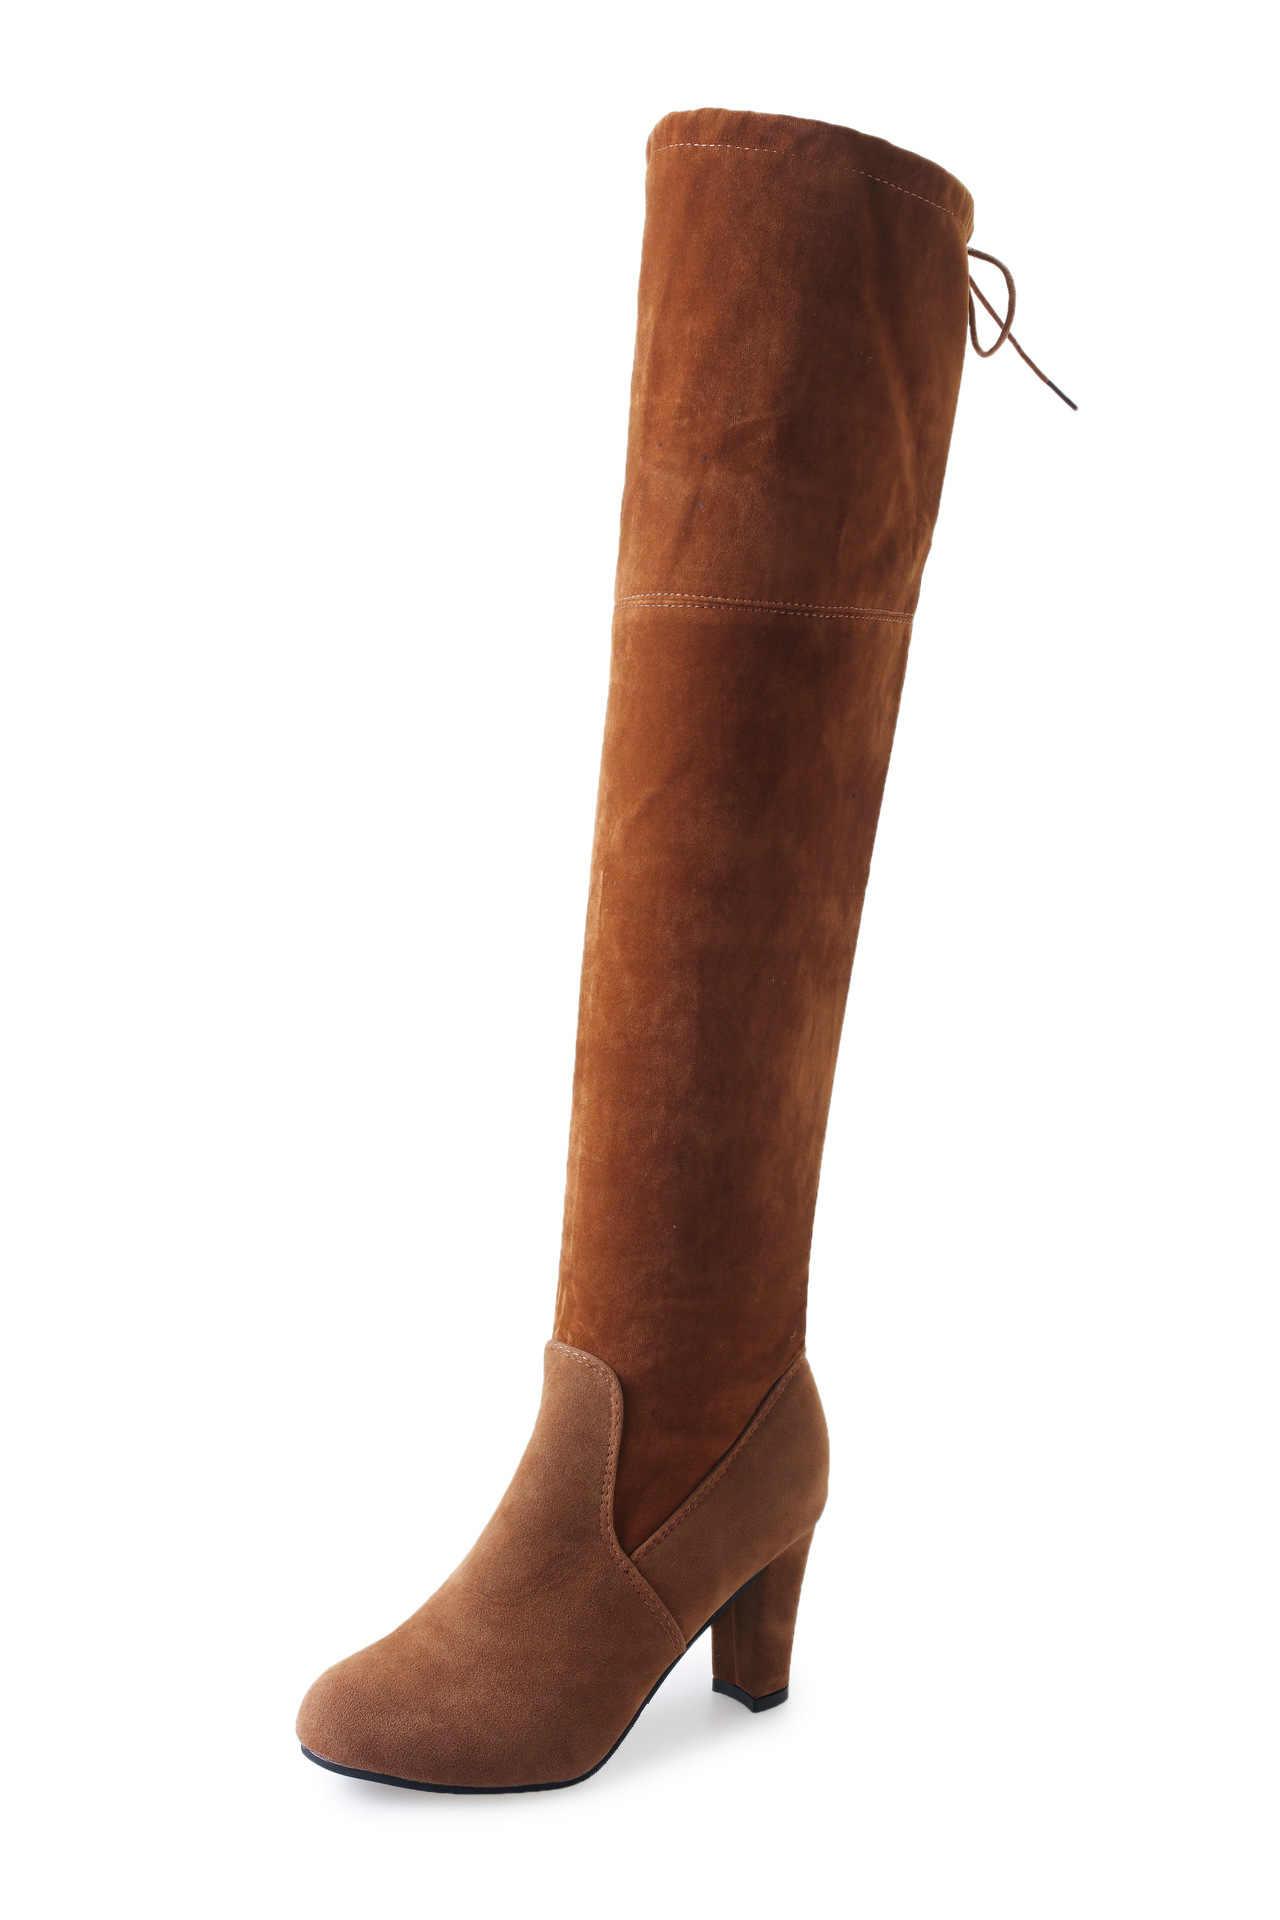 Fujin Frauen Stiefel Sexy Über knie High Heels Faux Wildleder Chunky Oberschenkel Hohe Stiefel Stretch Über die Knie Stiefel Frau schuhe Plus Größe